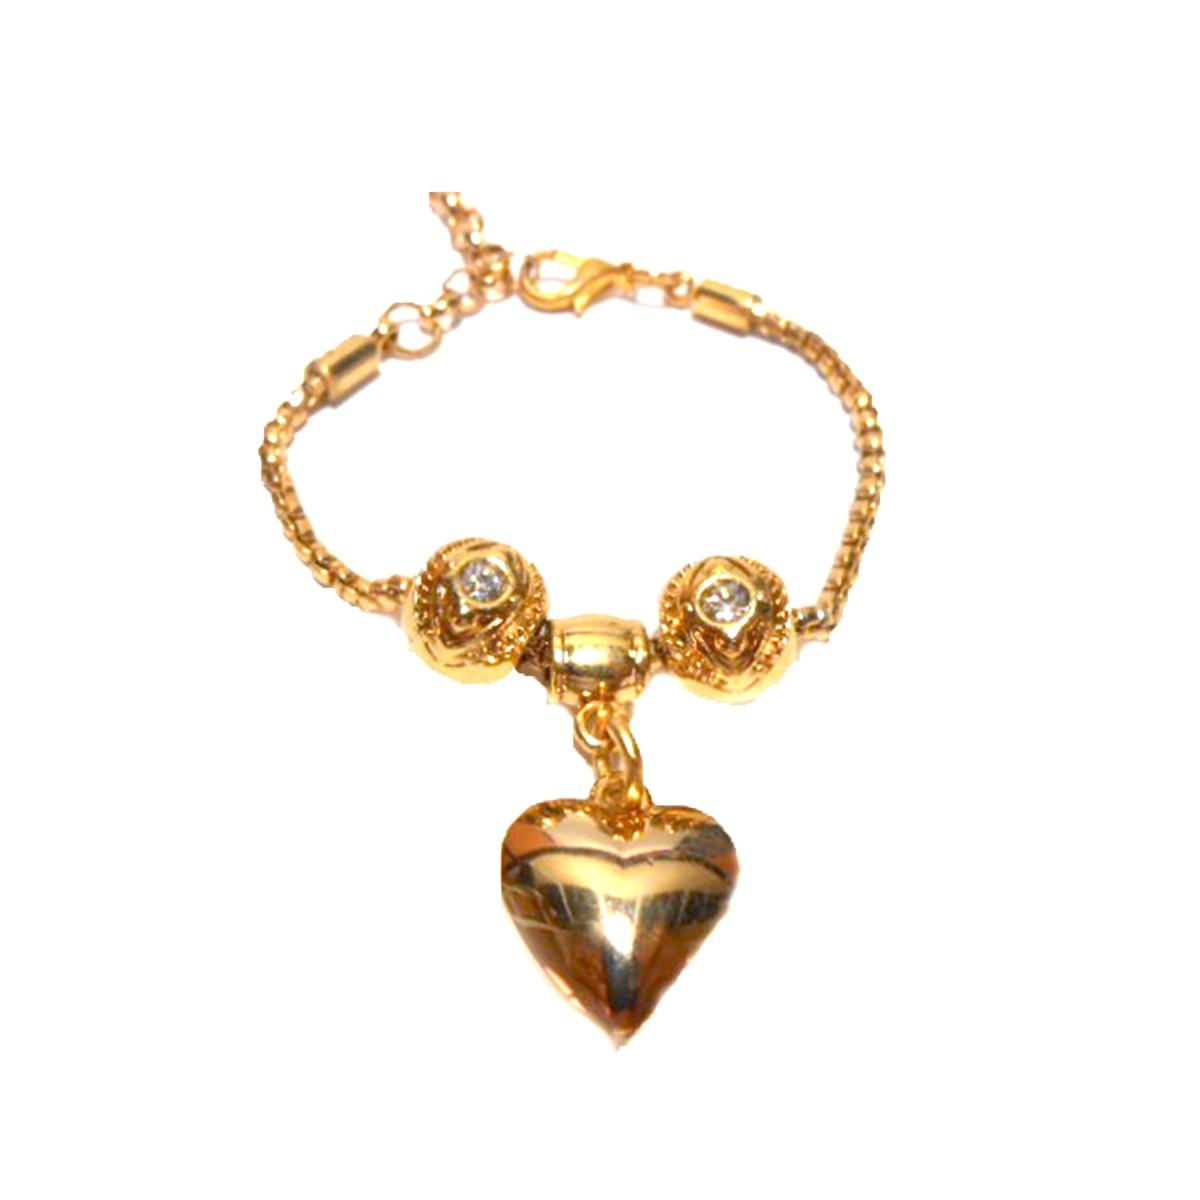 53332a27465 Pulseira Berloque Coração Dourado Semi Joia no Elo7